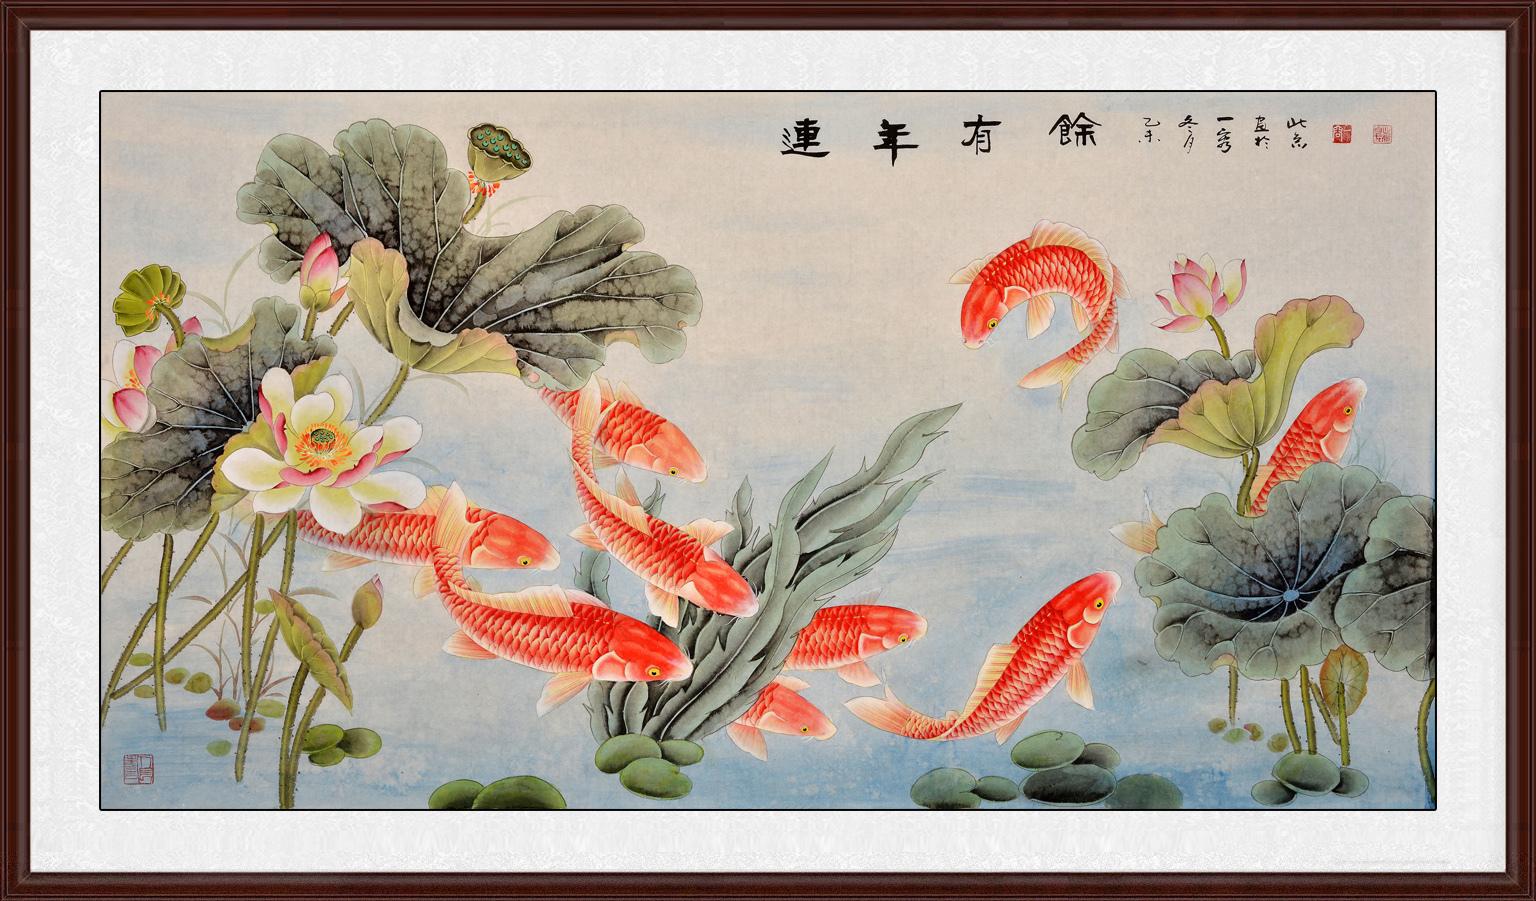 九鱼图 王一容花鸟画作品荷花鲤鱼图《连年有余》作品出自:易从网